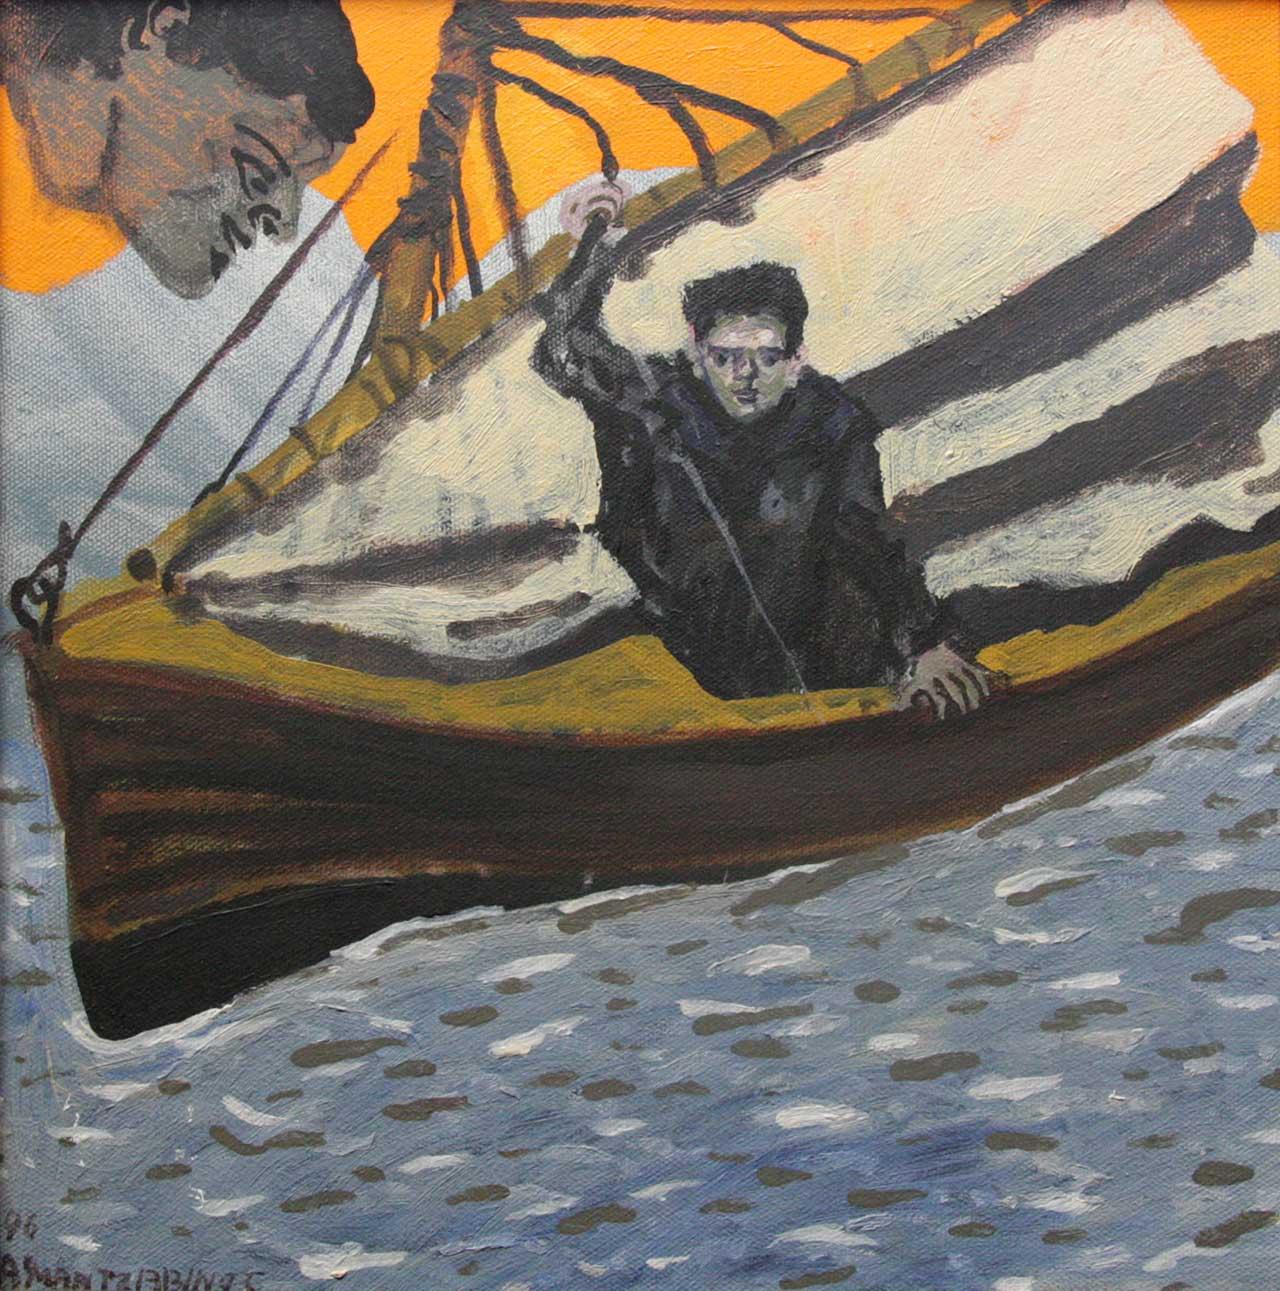 Με την βάρκα, 1996, λάδι σε καμβά, 30x30 εκ.